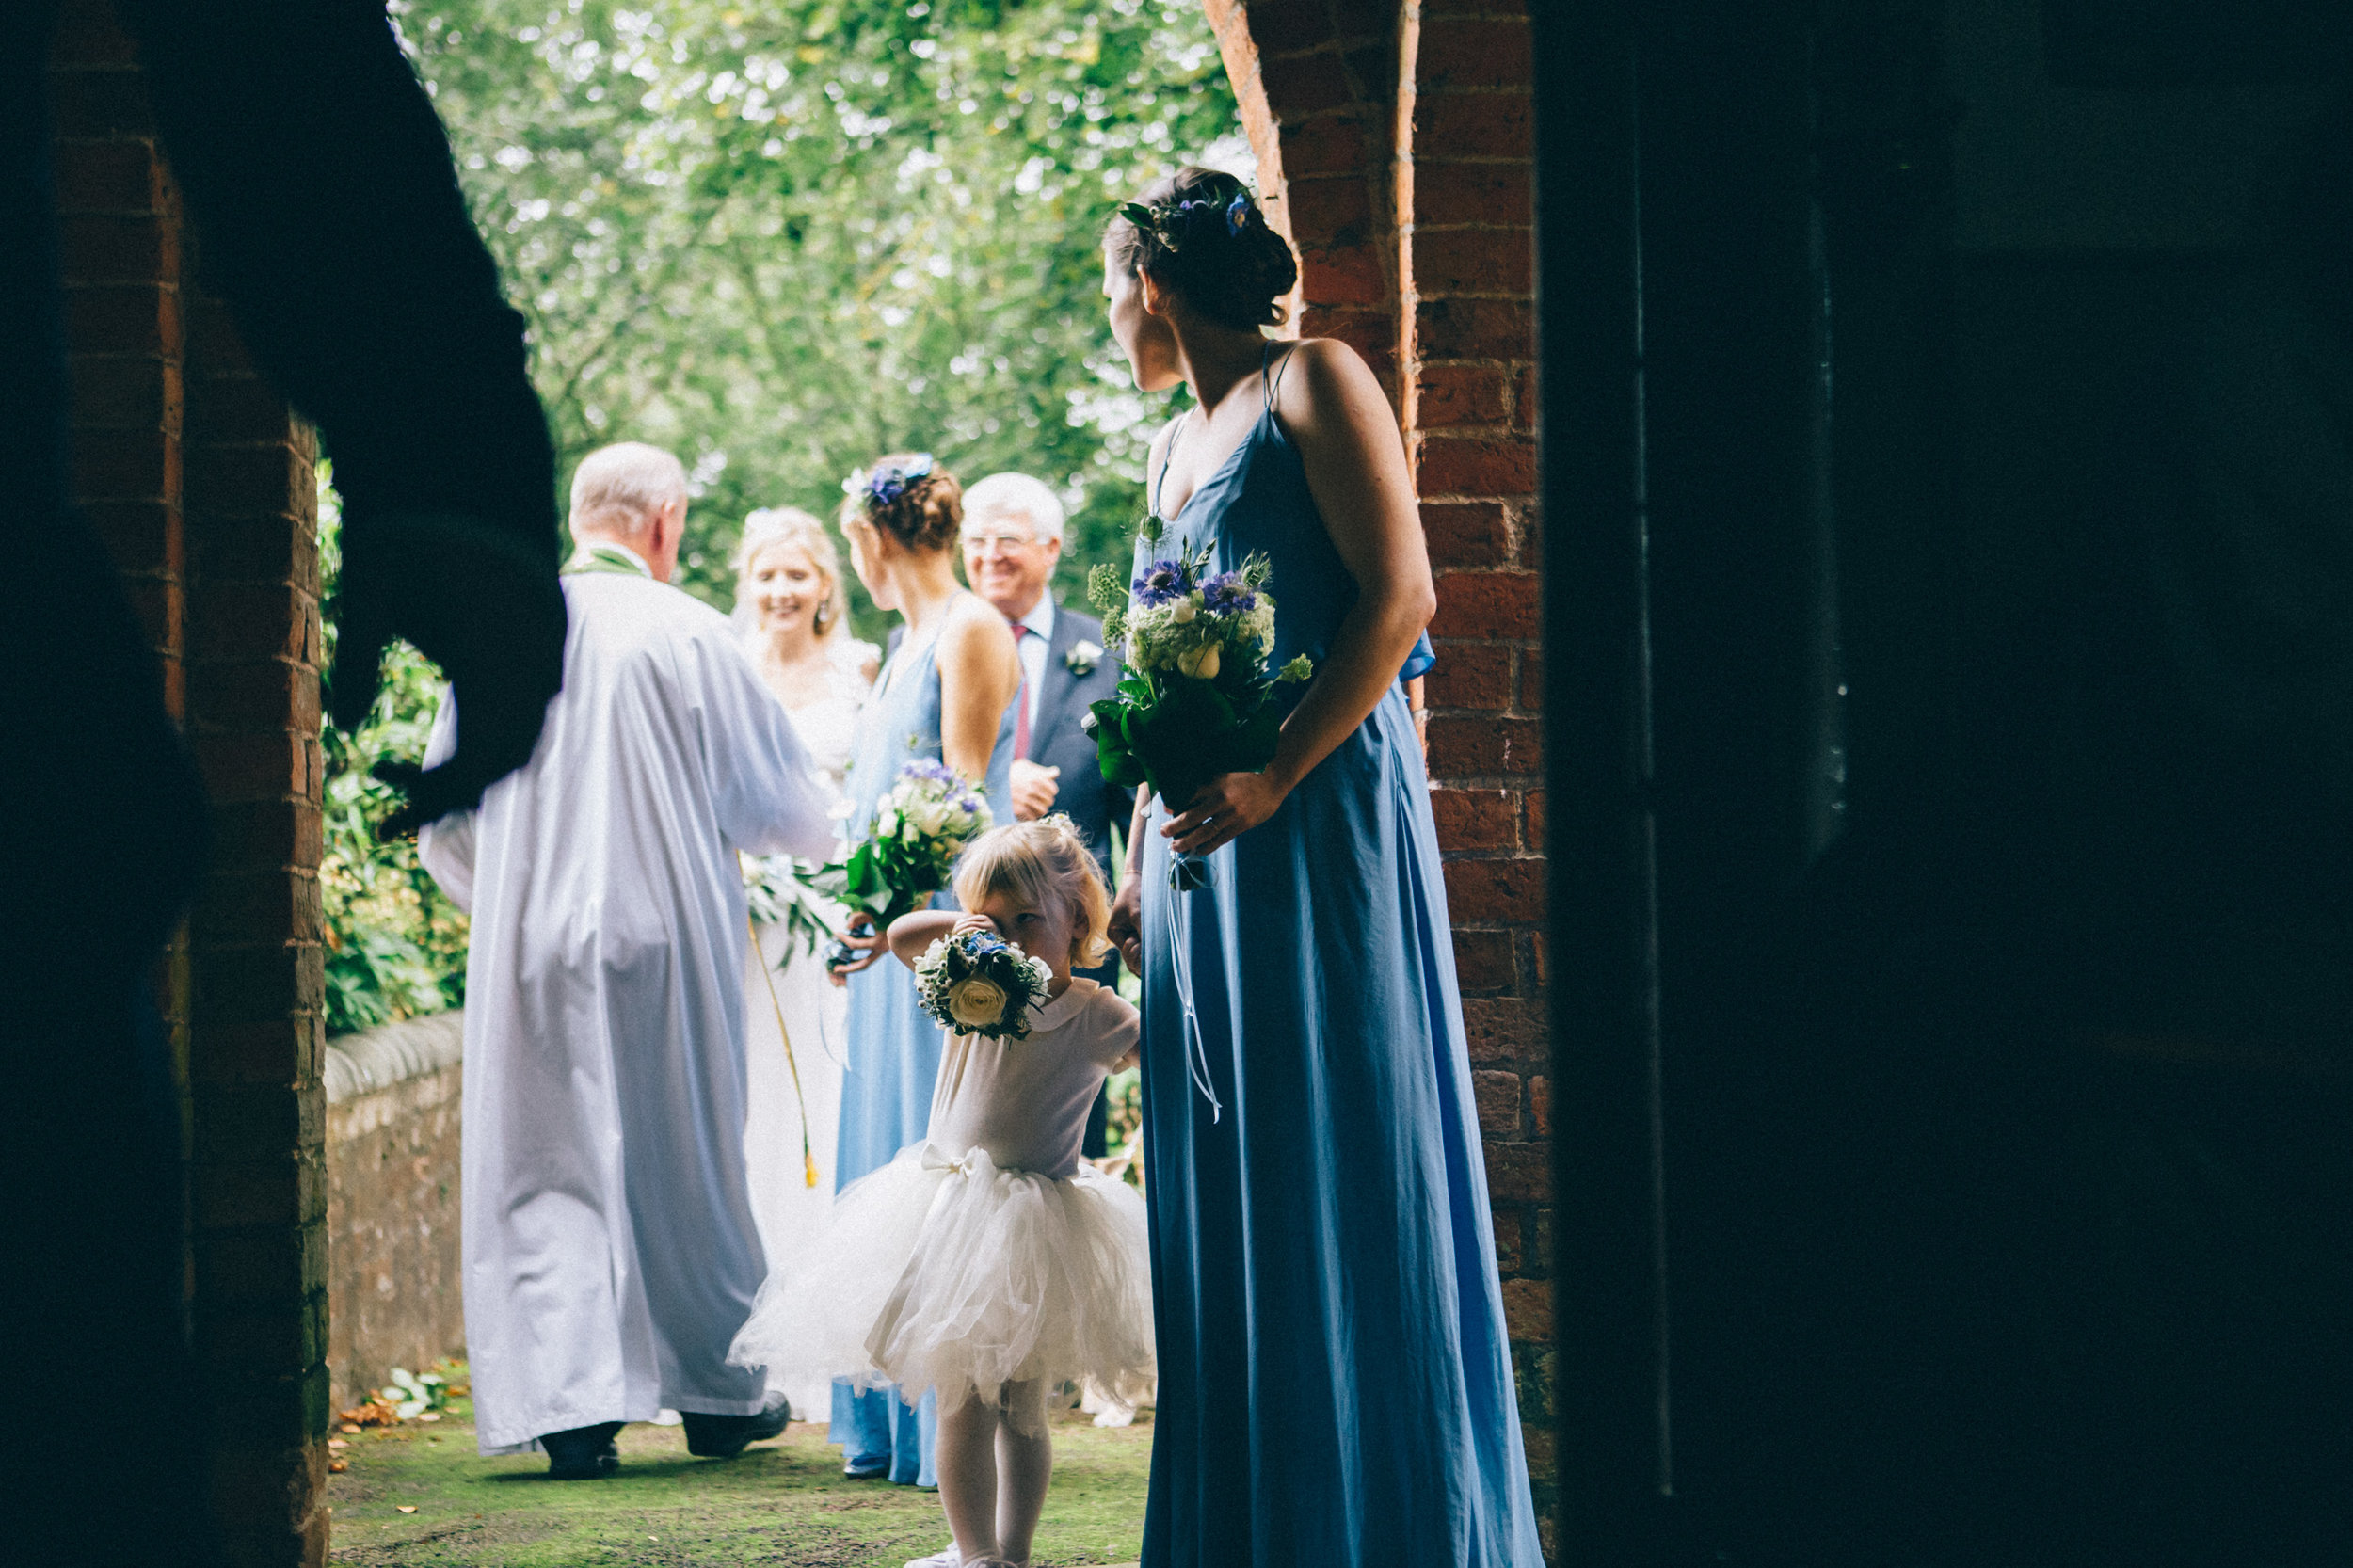 uk wedding photographer artistic wedding photography-57.jpg